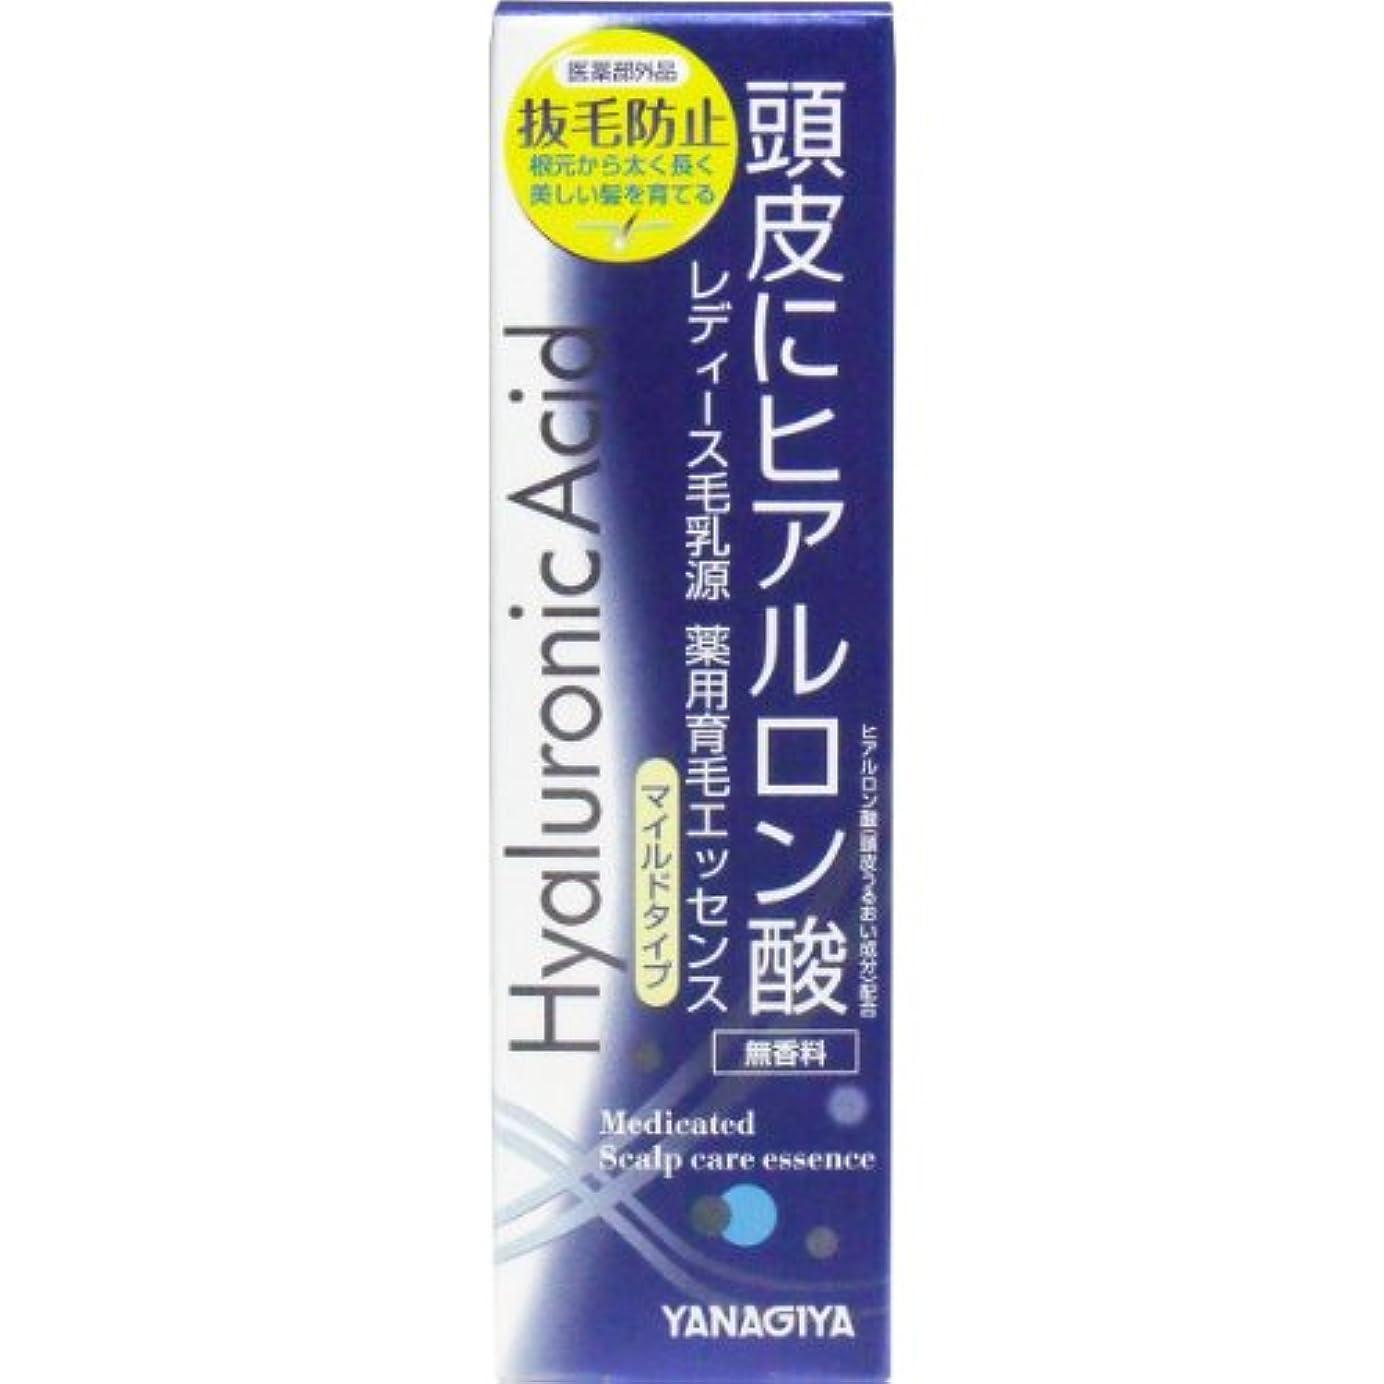 ピラミッドアーサー傷つけるレディース毛乳源 薬用育毛エッセンス マイルドタイプ 無香料 150mL